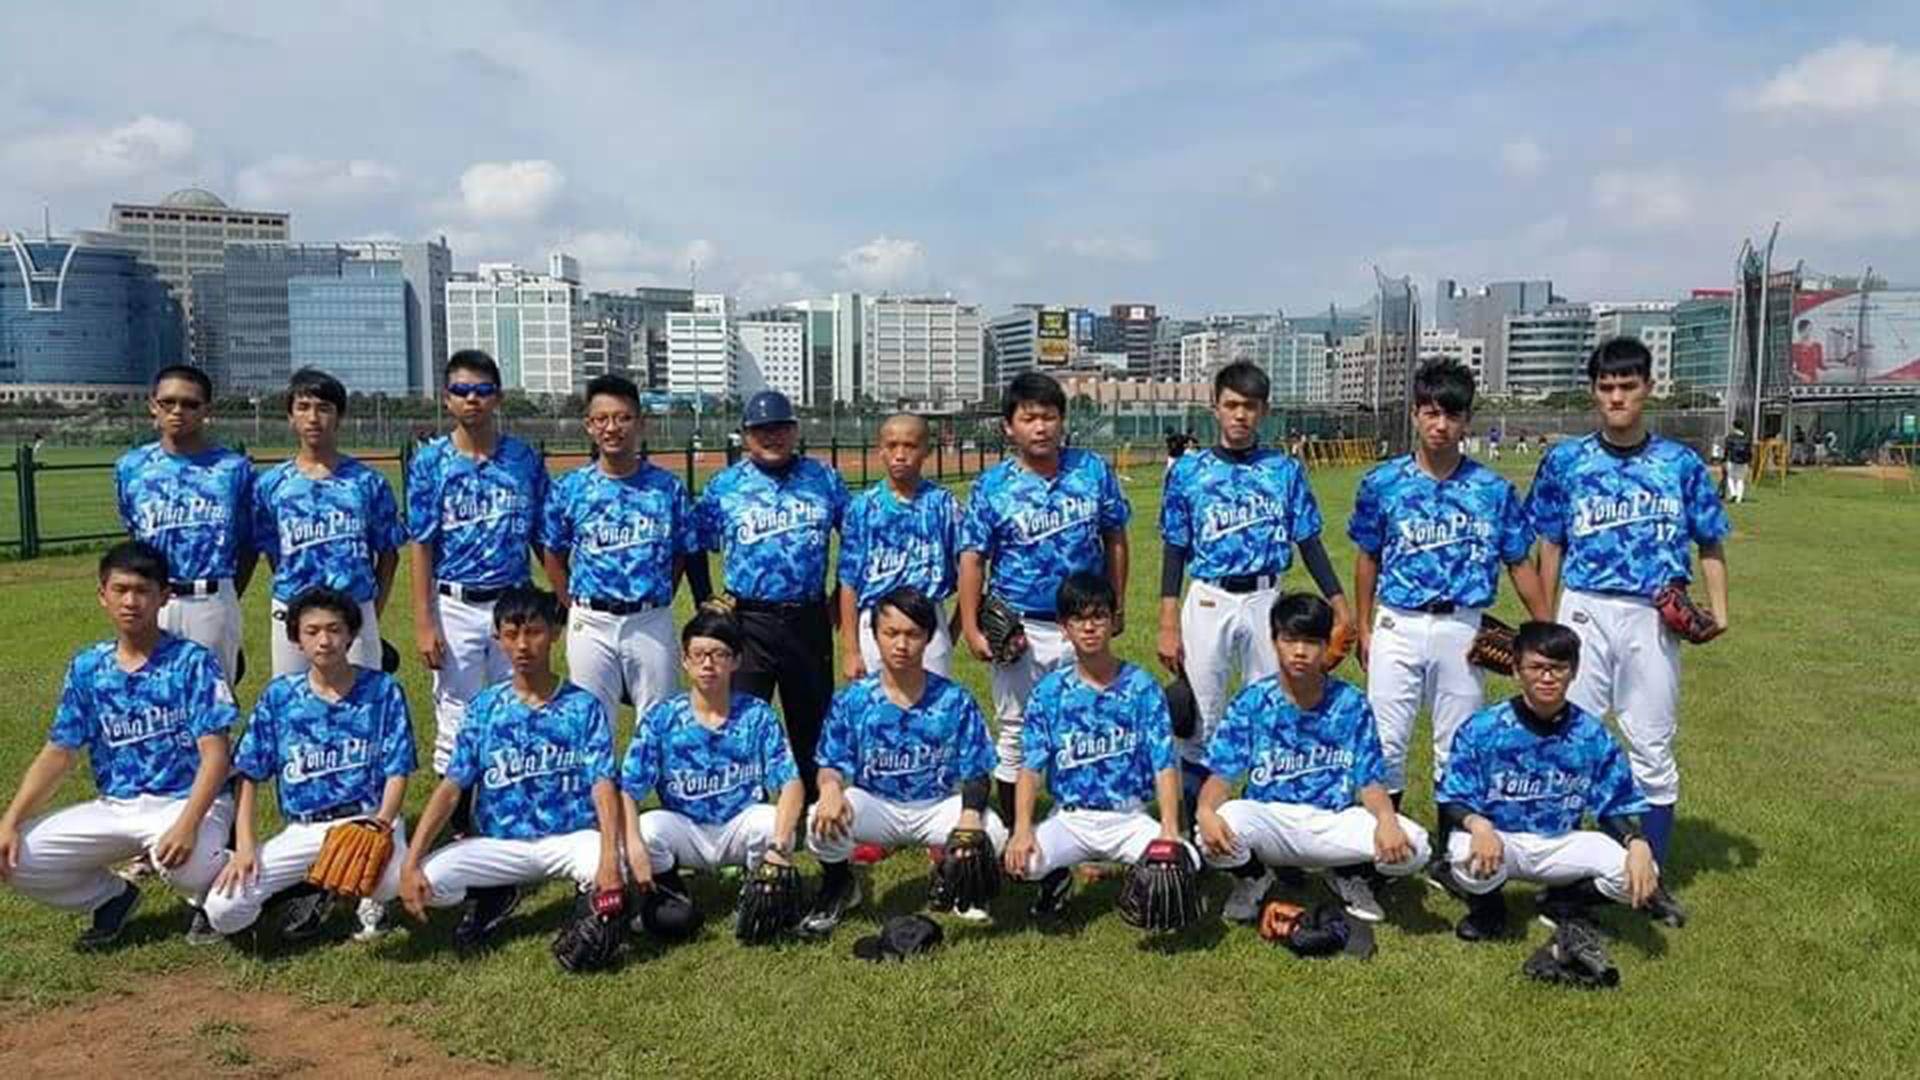 永平高中棒球隊合照。照片/永平高中棒球隊提供